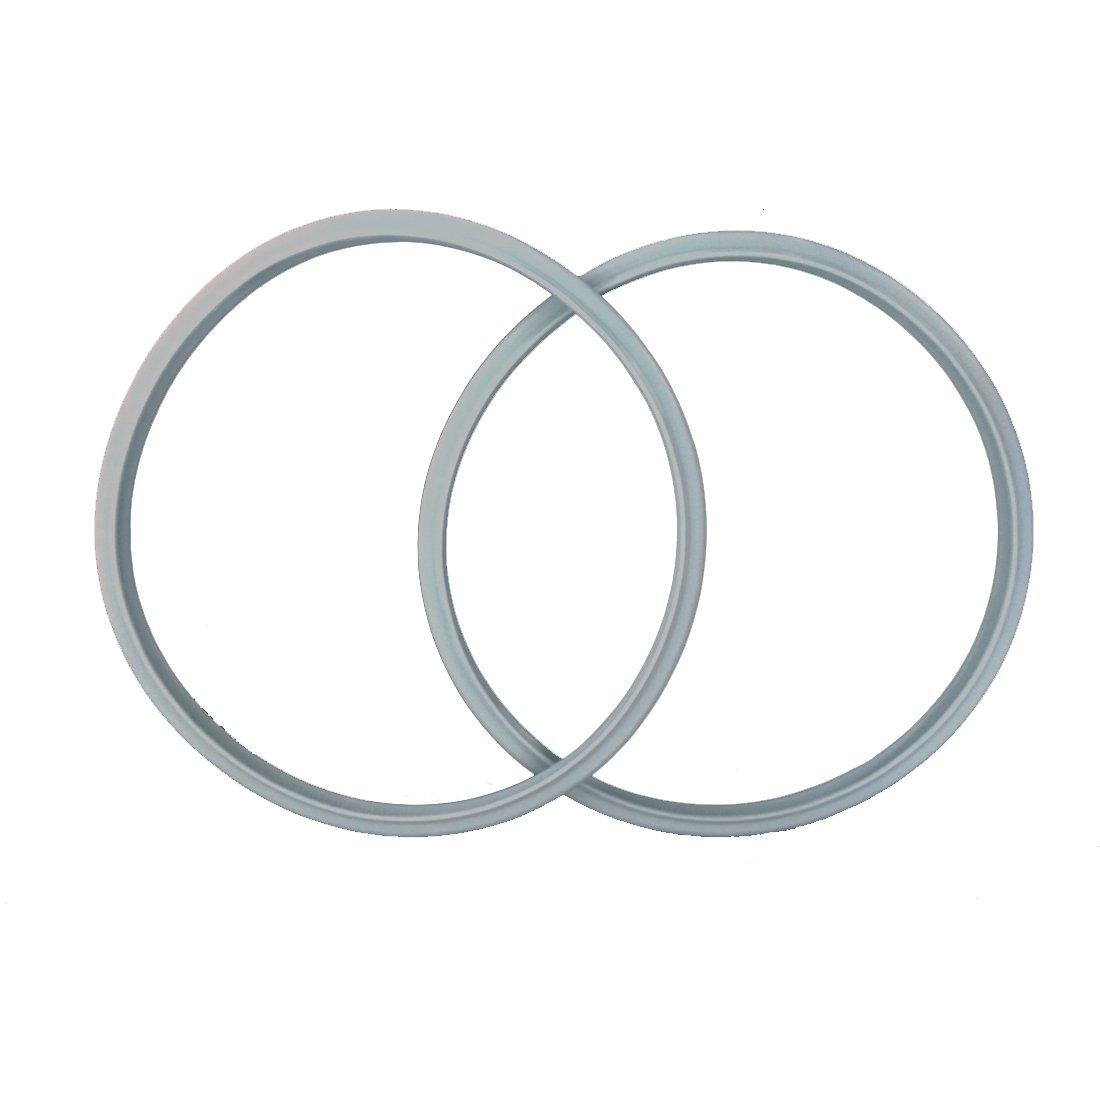 2-pack 22cm(8.7'') Compatible Sealing Ring Gasket for FISSLER Pressure Cooker Vitavit Bluepoint